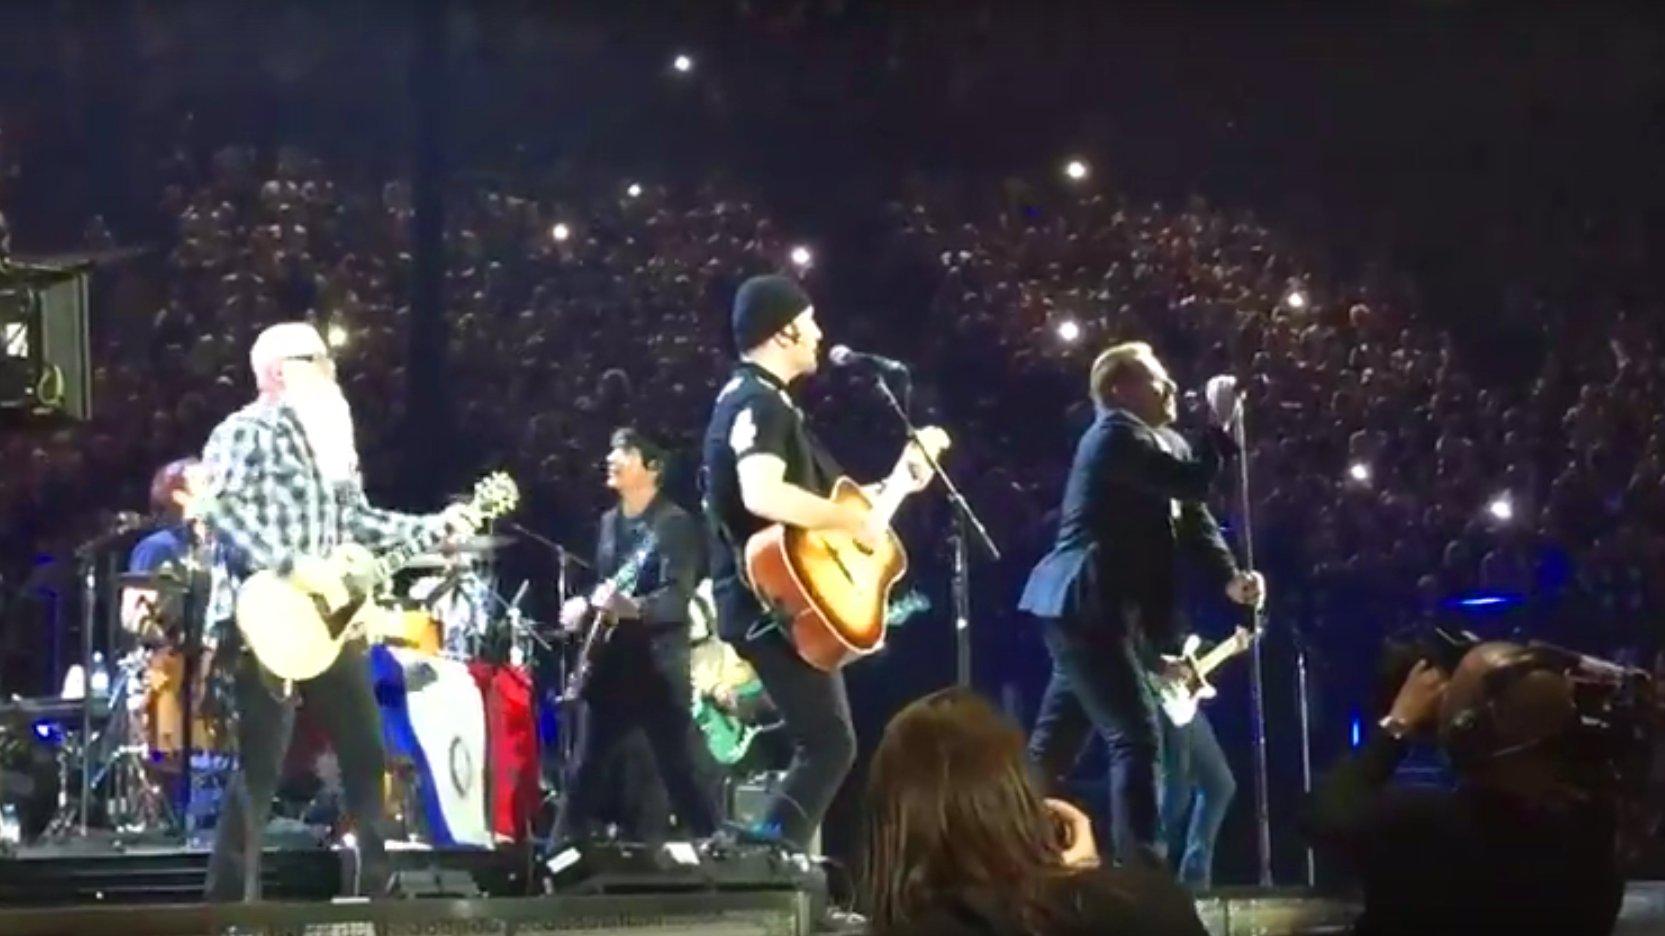 """U2 und Eagles of Death Metal spielen gemeinsam """"People have the power"""", 2015 in Paris."""